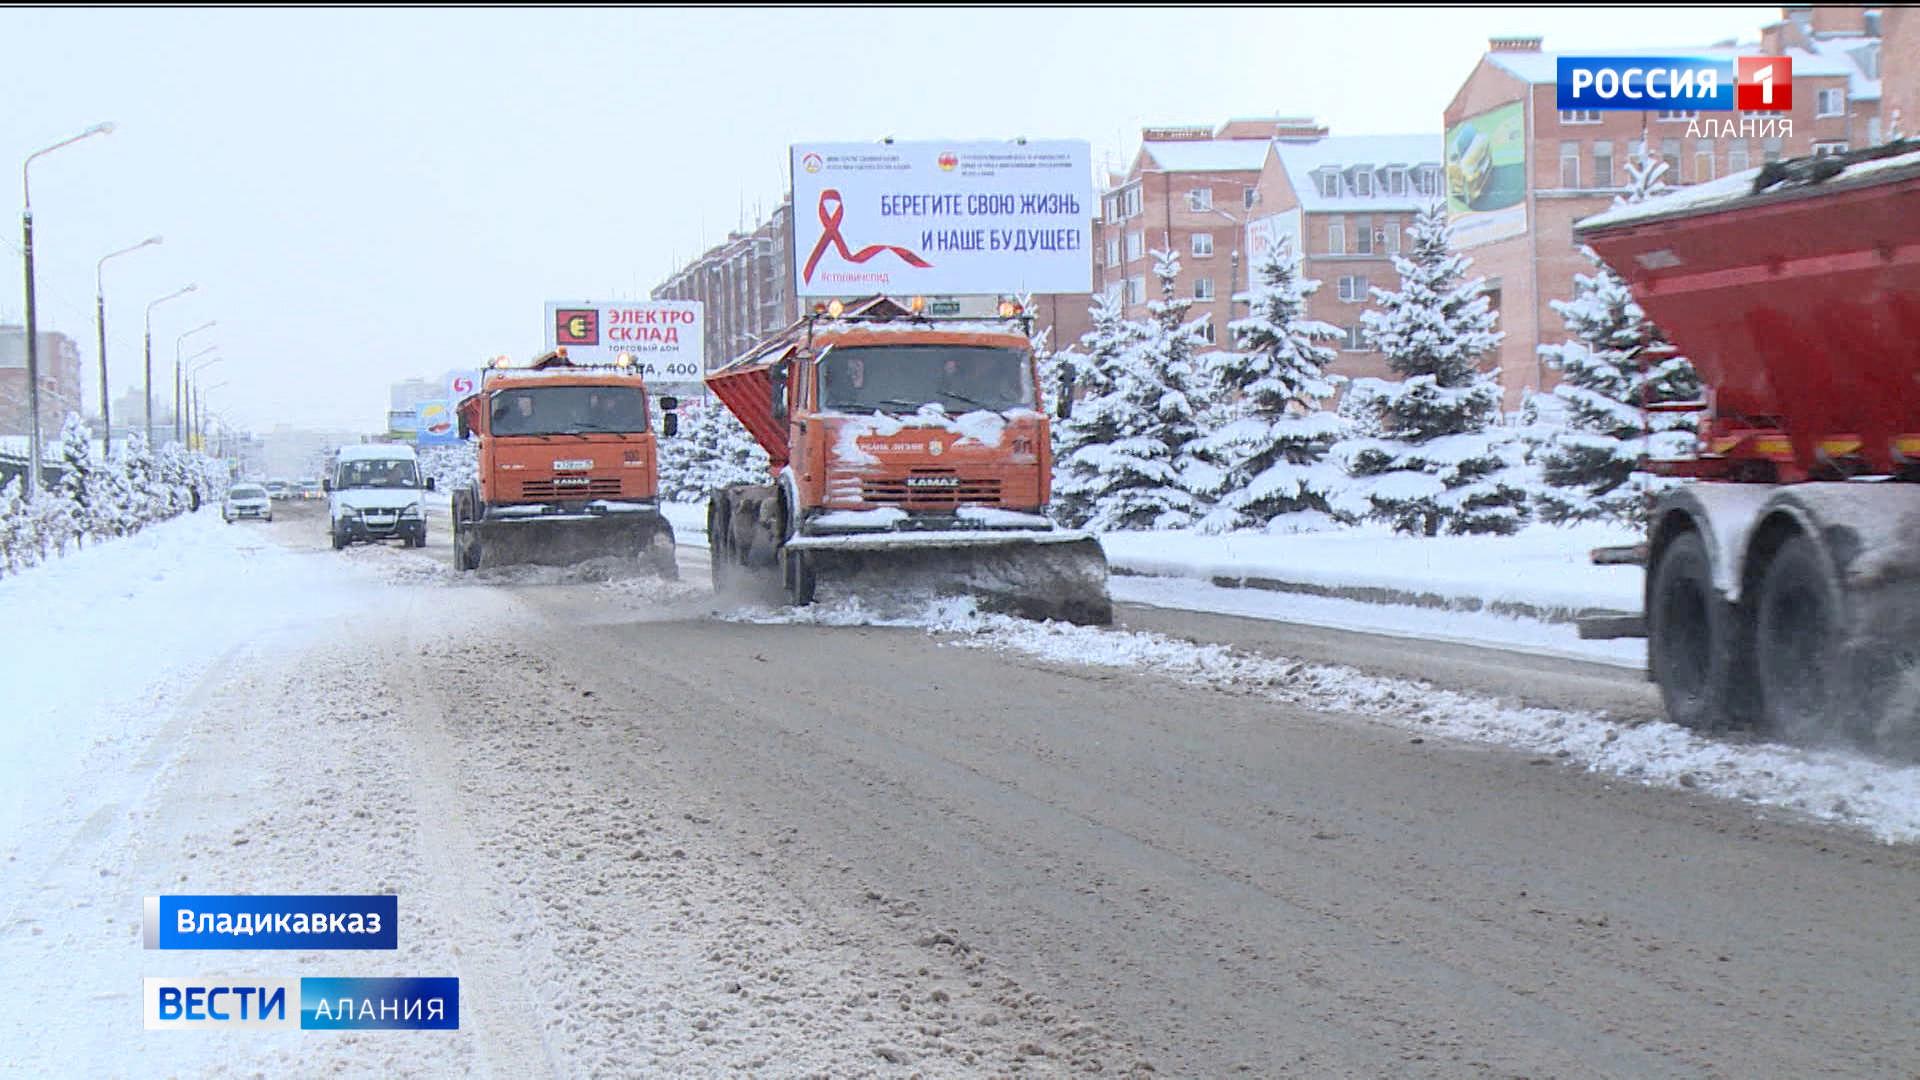 Настоящая зима пришла: как Владикавказ справлялся с первым сильным снегопадом